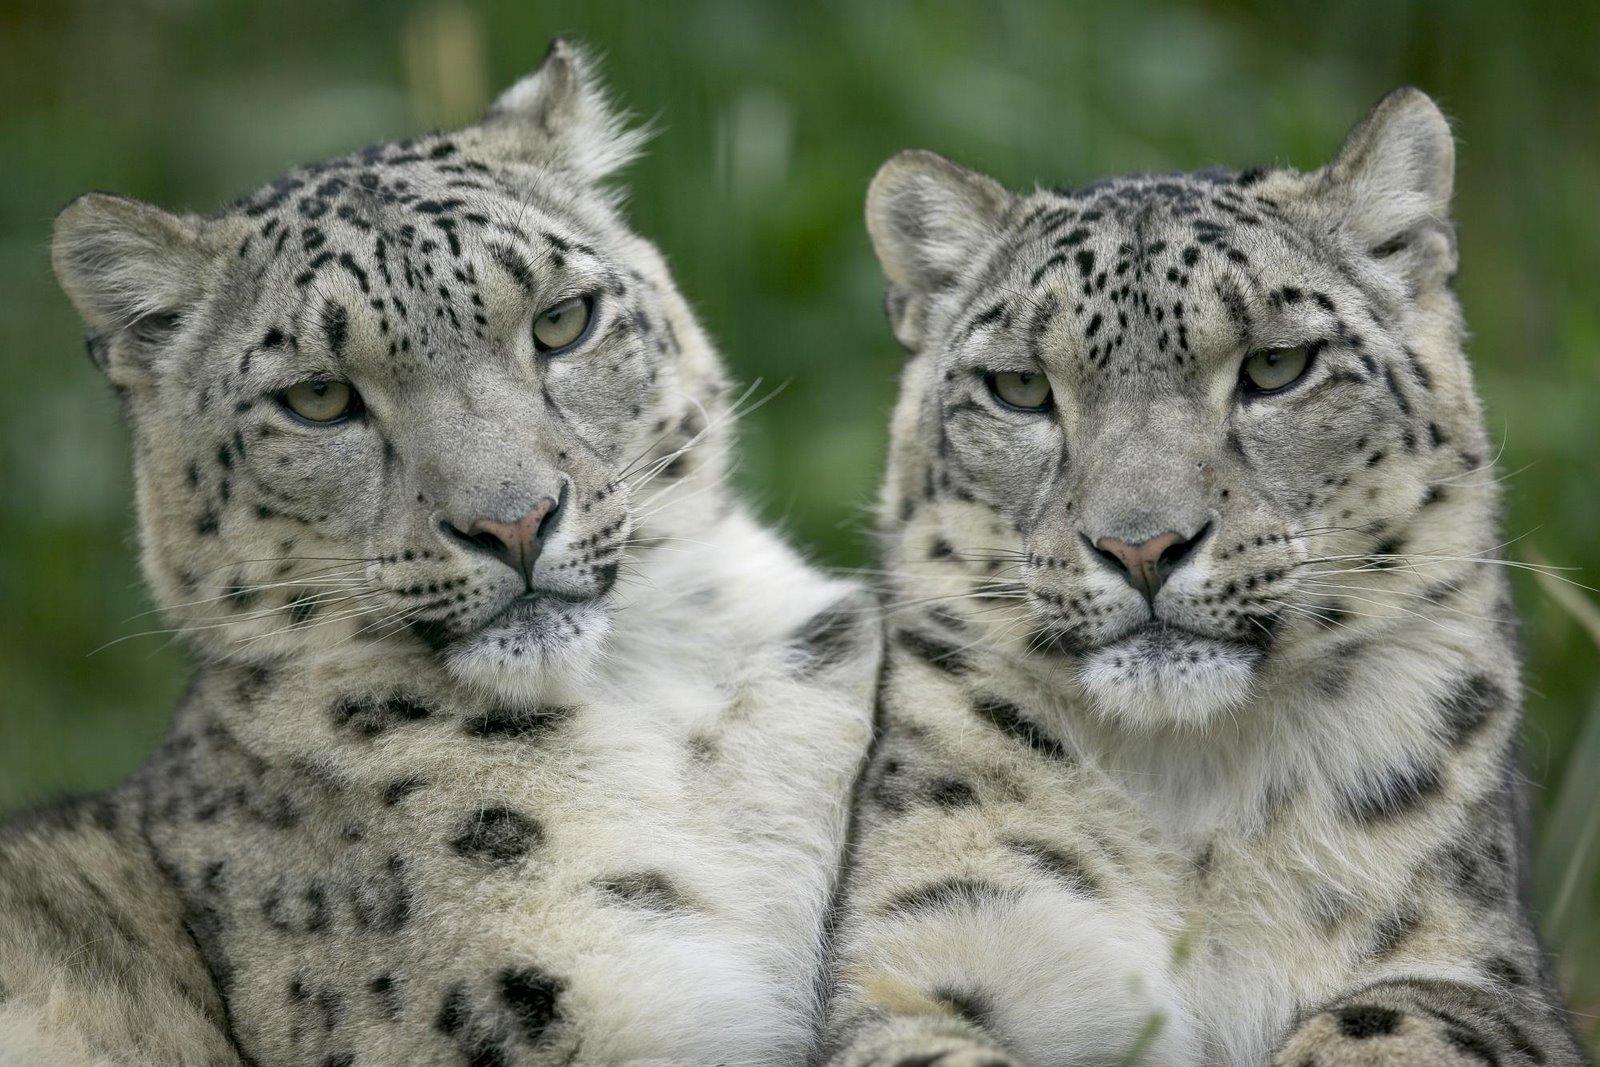 http://2.bp.blogspot.com/_lj_y7Z_fw94/S7lLIgPUb5I/AAAAAAAAA4E/DQDxu5w5RiI/s1600/Snow+Leopard+Pair.jpg